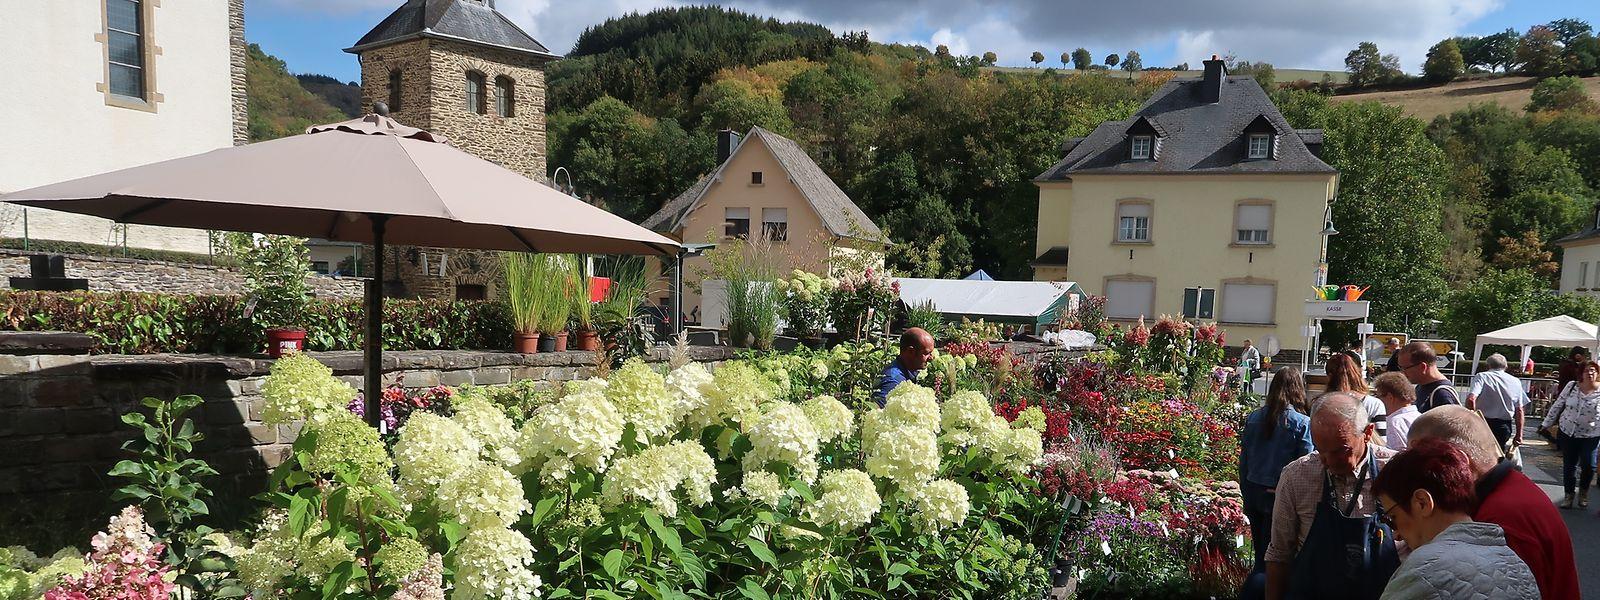 Beim 18. Pflanzen- und Gartenfest in Stolzemburg kamen Gartenfreunde voll auf ihre Kosten.